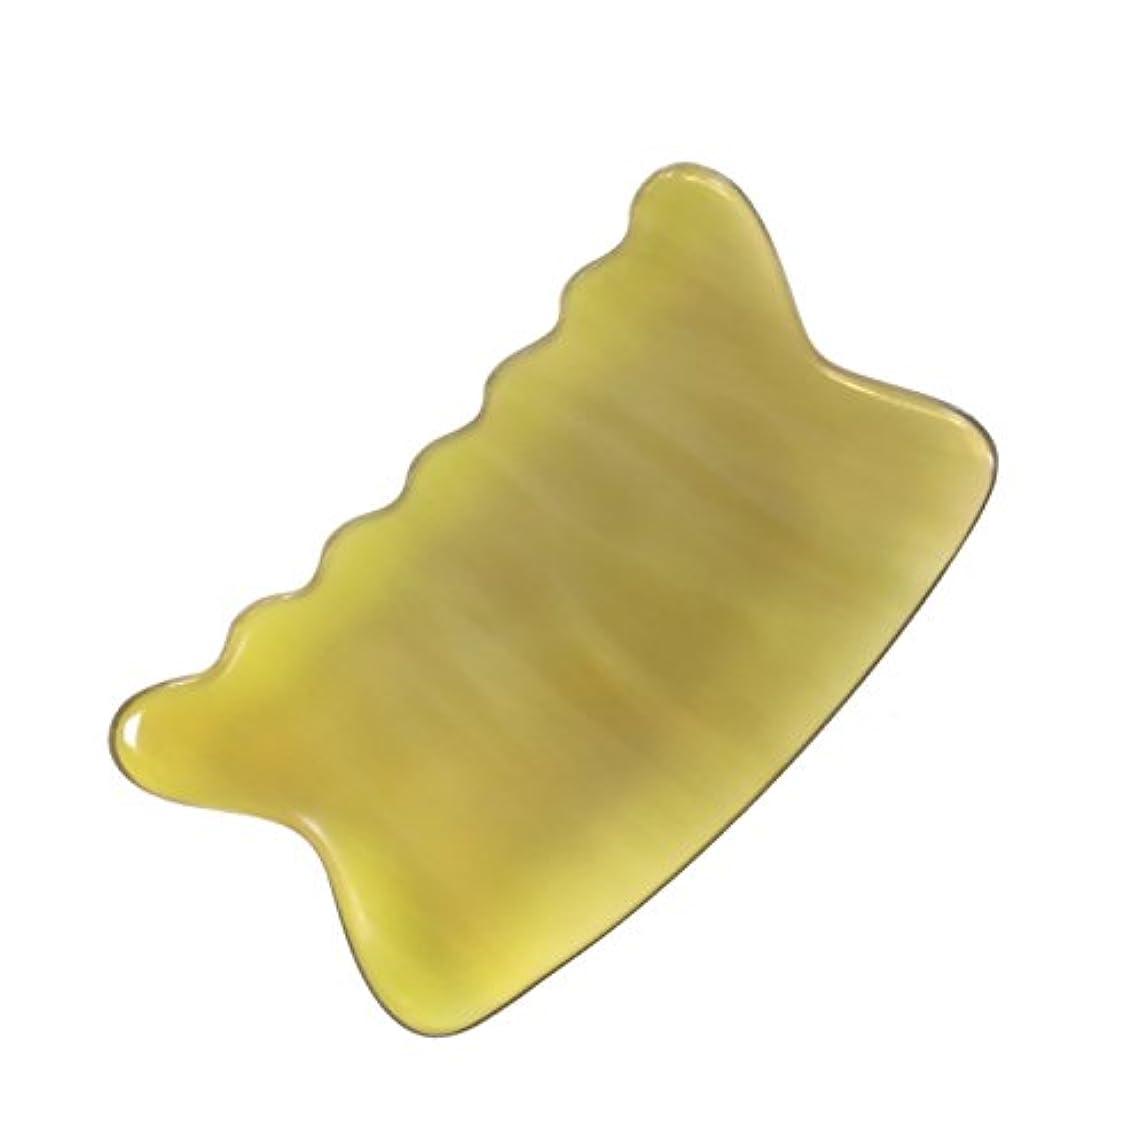 フォーマットウール提案かっさ プレート 希少57 黄水牛角 極美品 曲波型